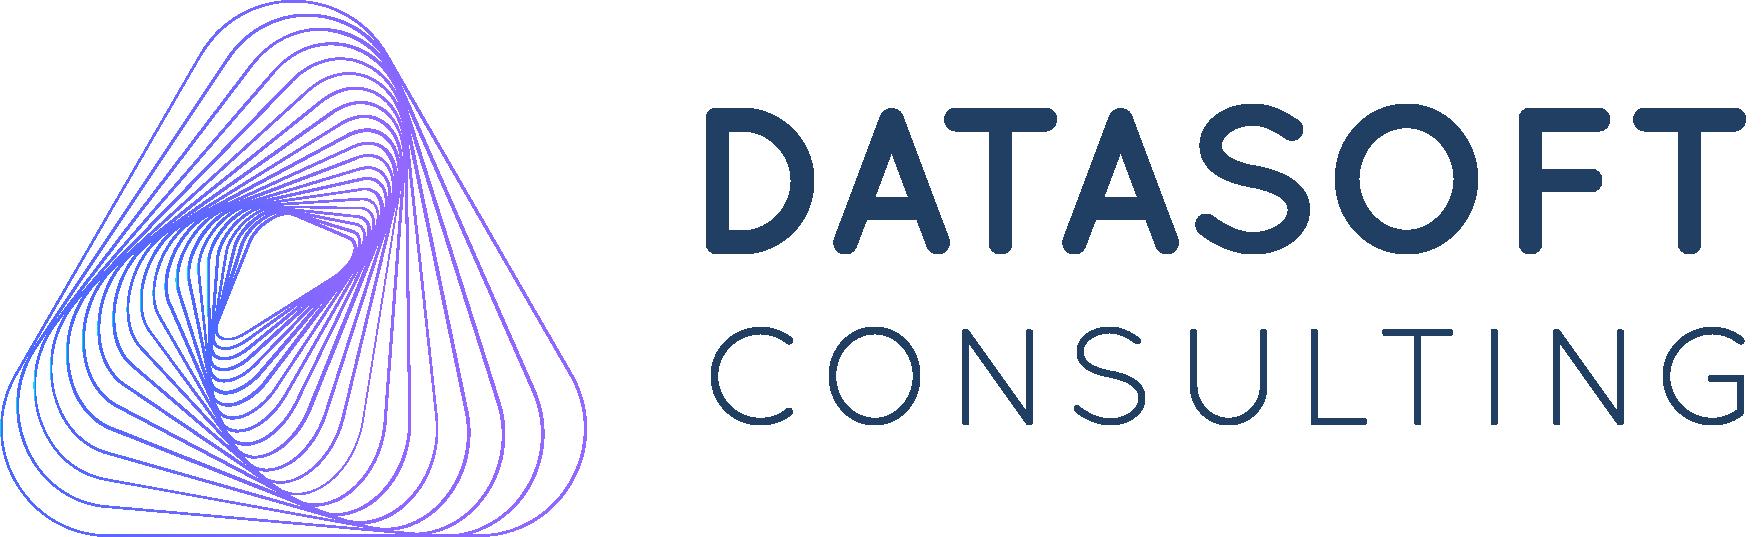 DATASOFT CONSULTING dépannage informatique